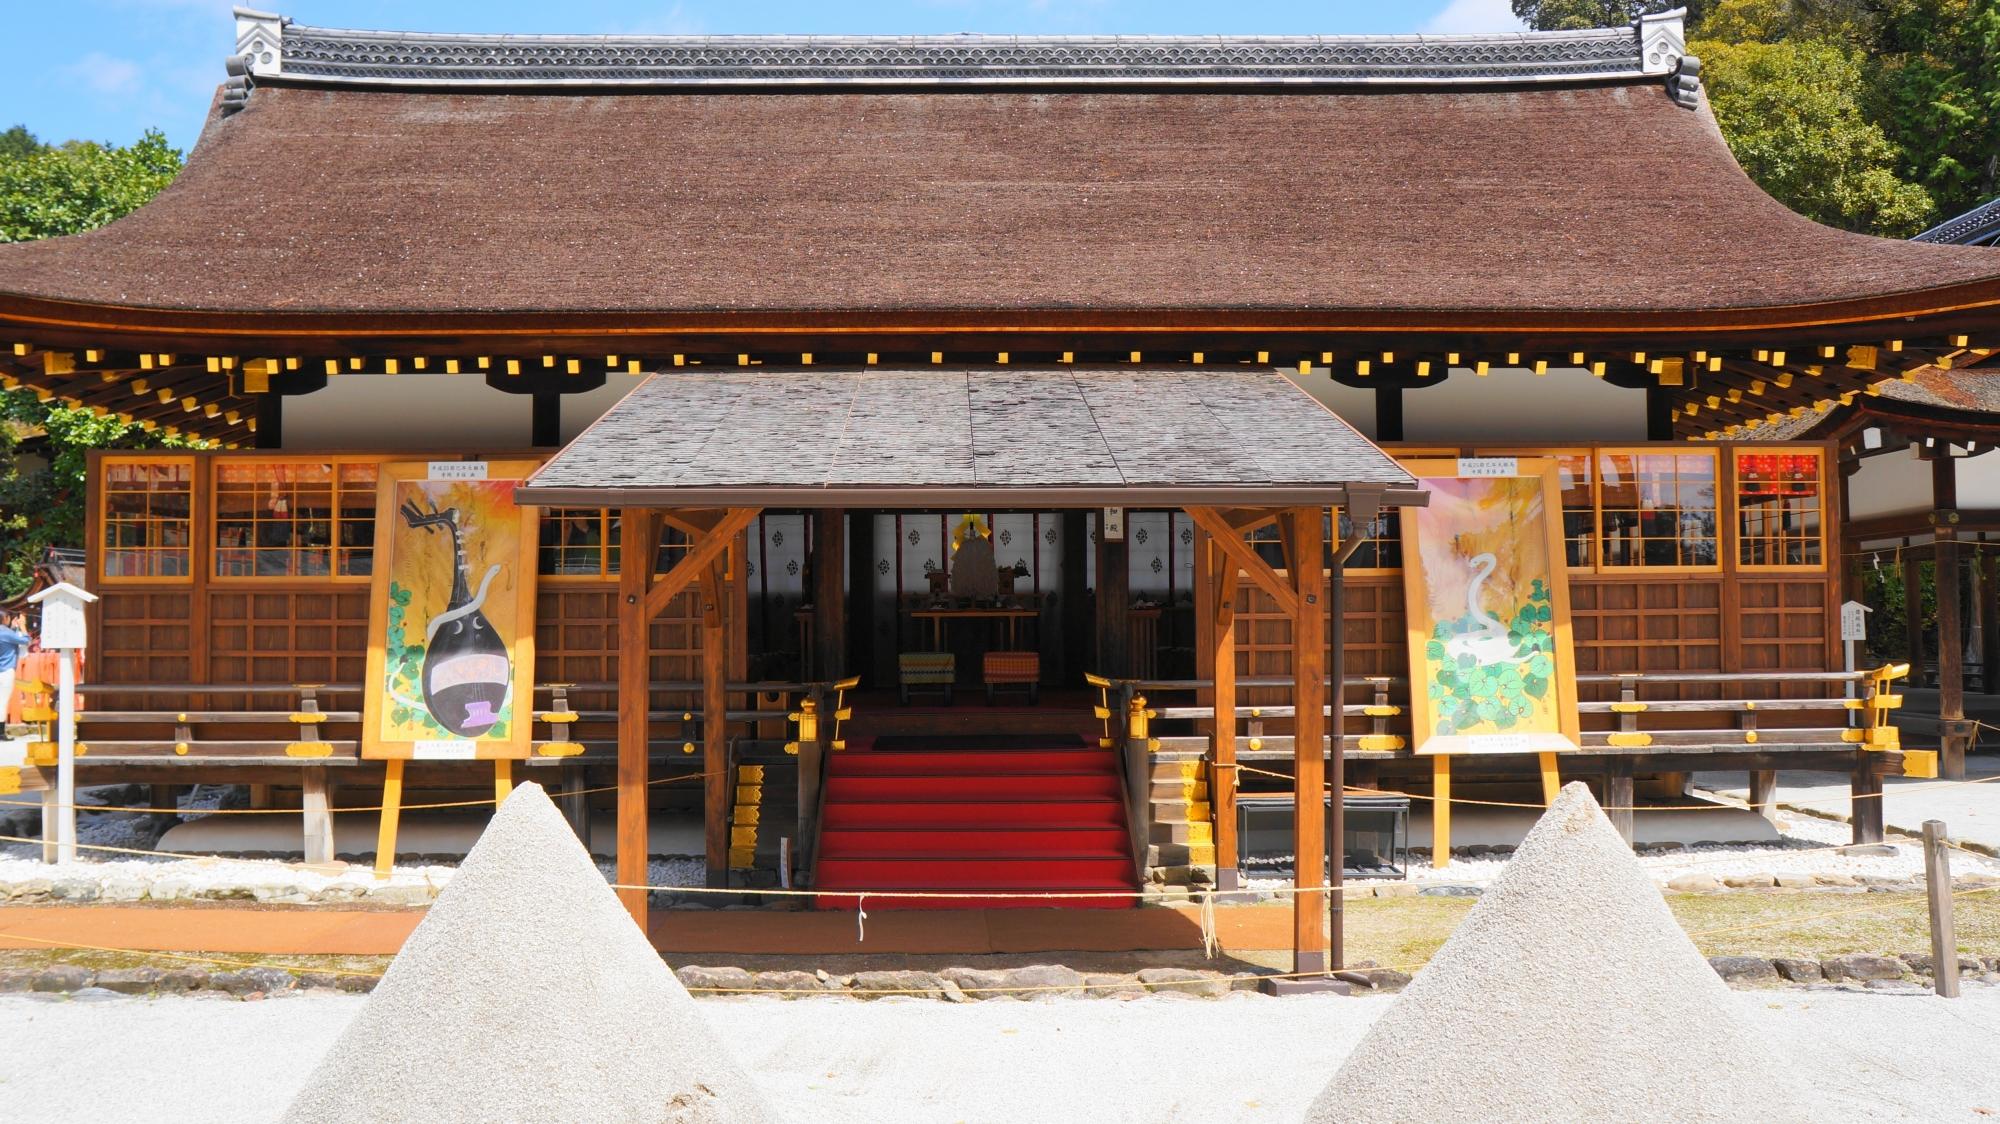 上賀茂神社の細殿と砂を盛った立砂